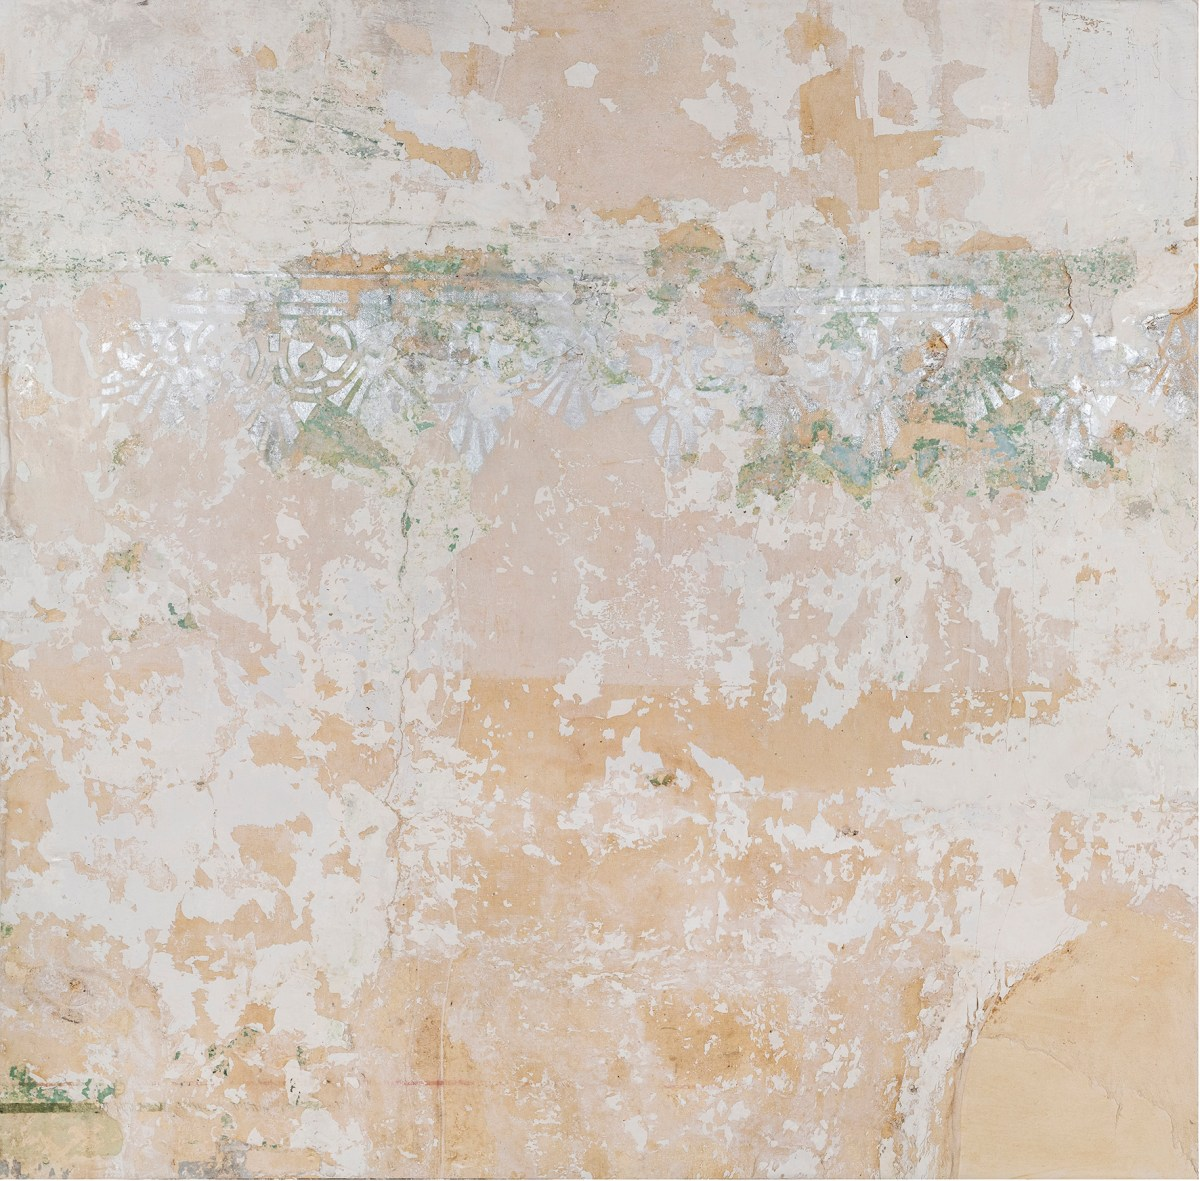 Pintura de la artista María Campiglia. Recuperación de recubrimiento de muro y restauración de cenefa.